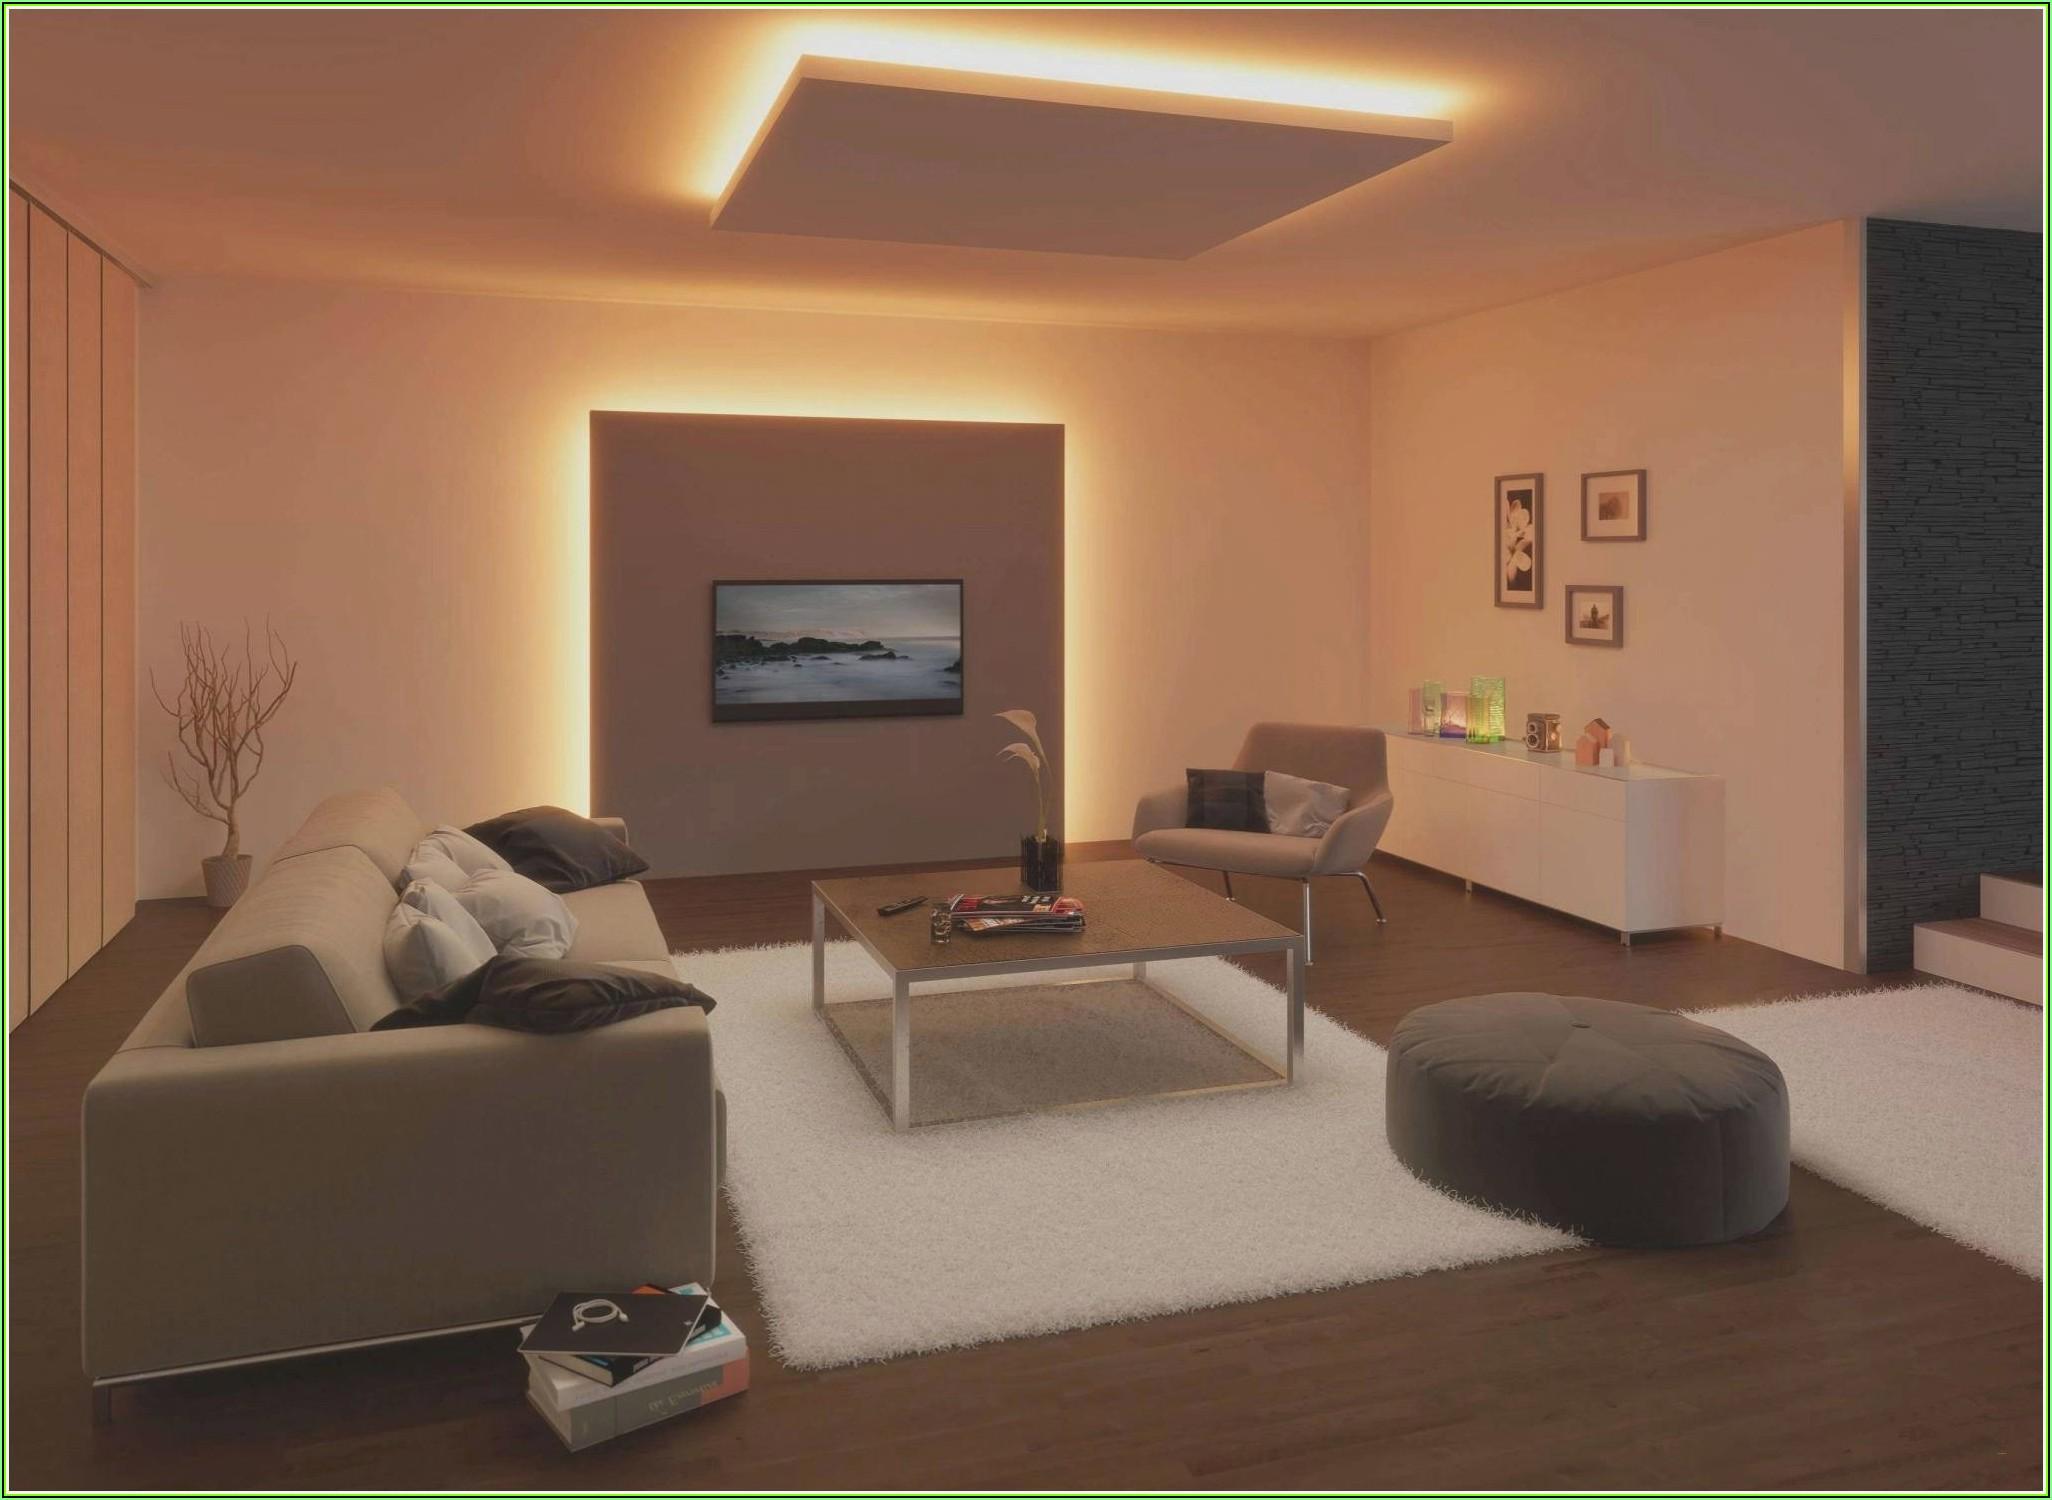 Bilder Wohnzimmer Fotografie